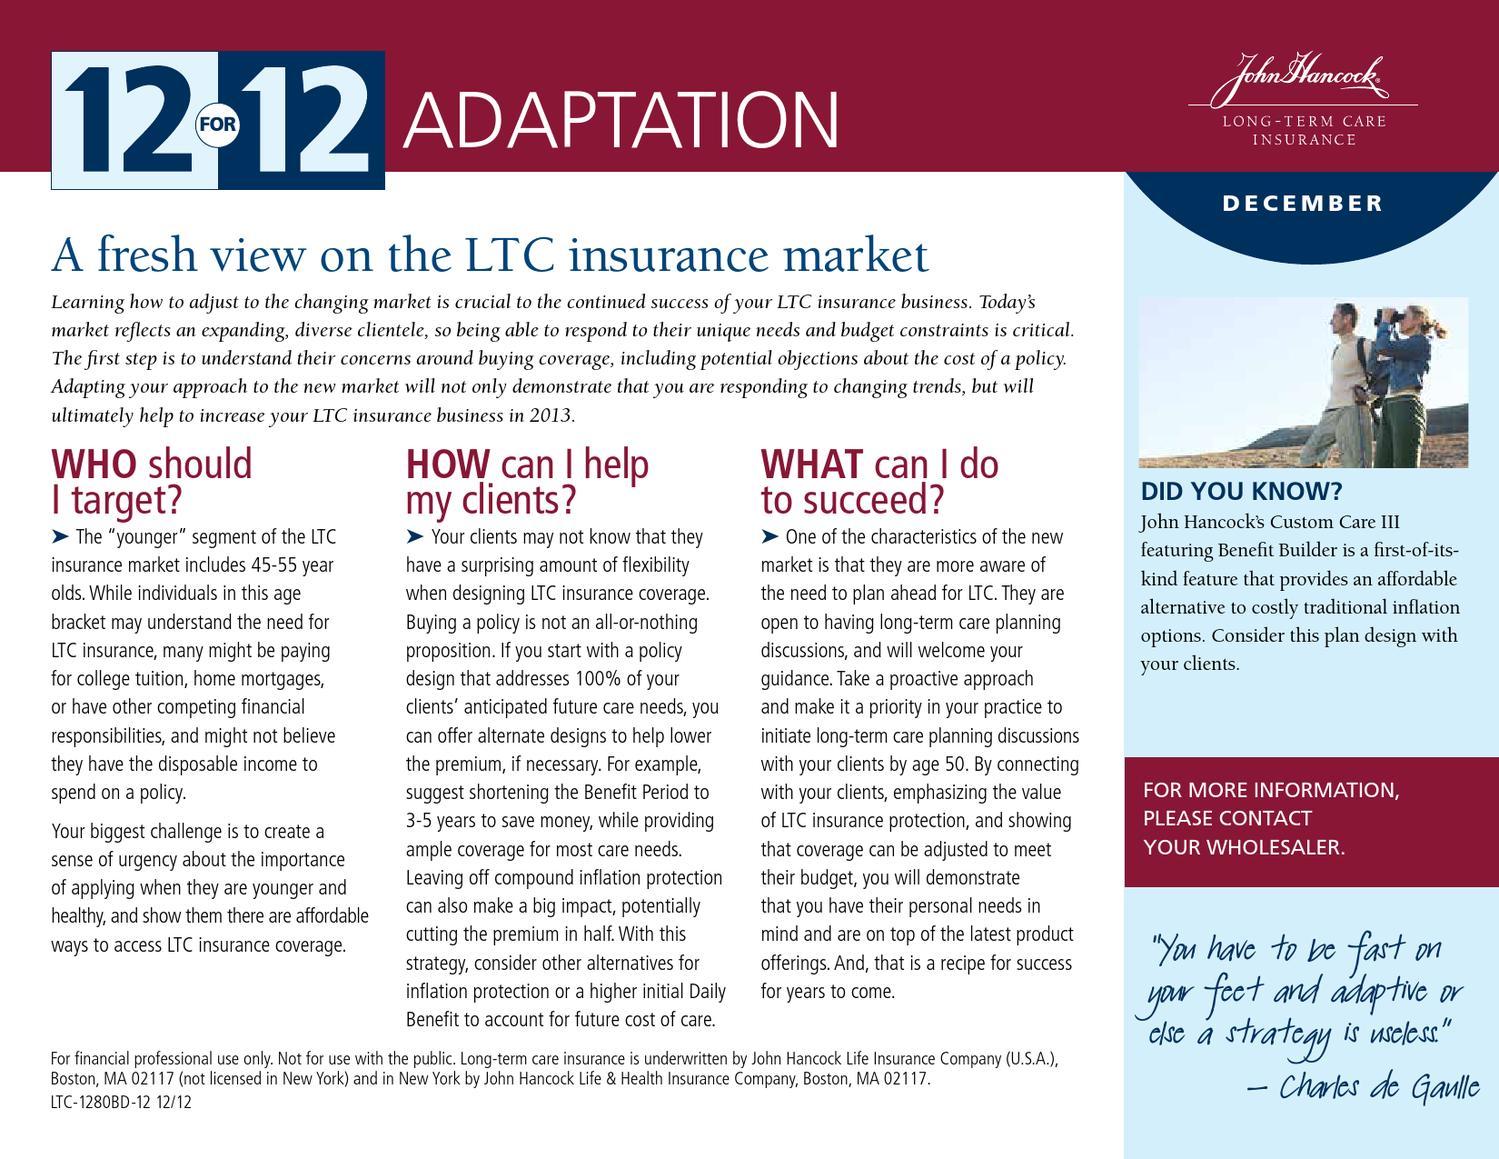 John Hancock Life And Health Insurance Company ...